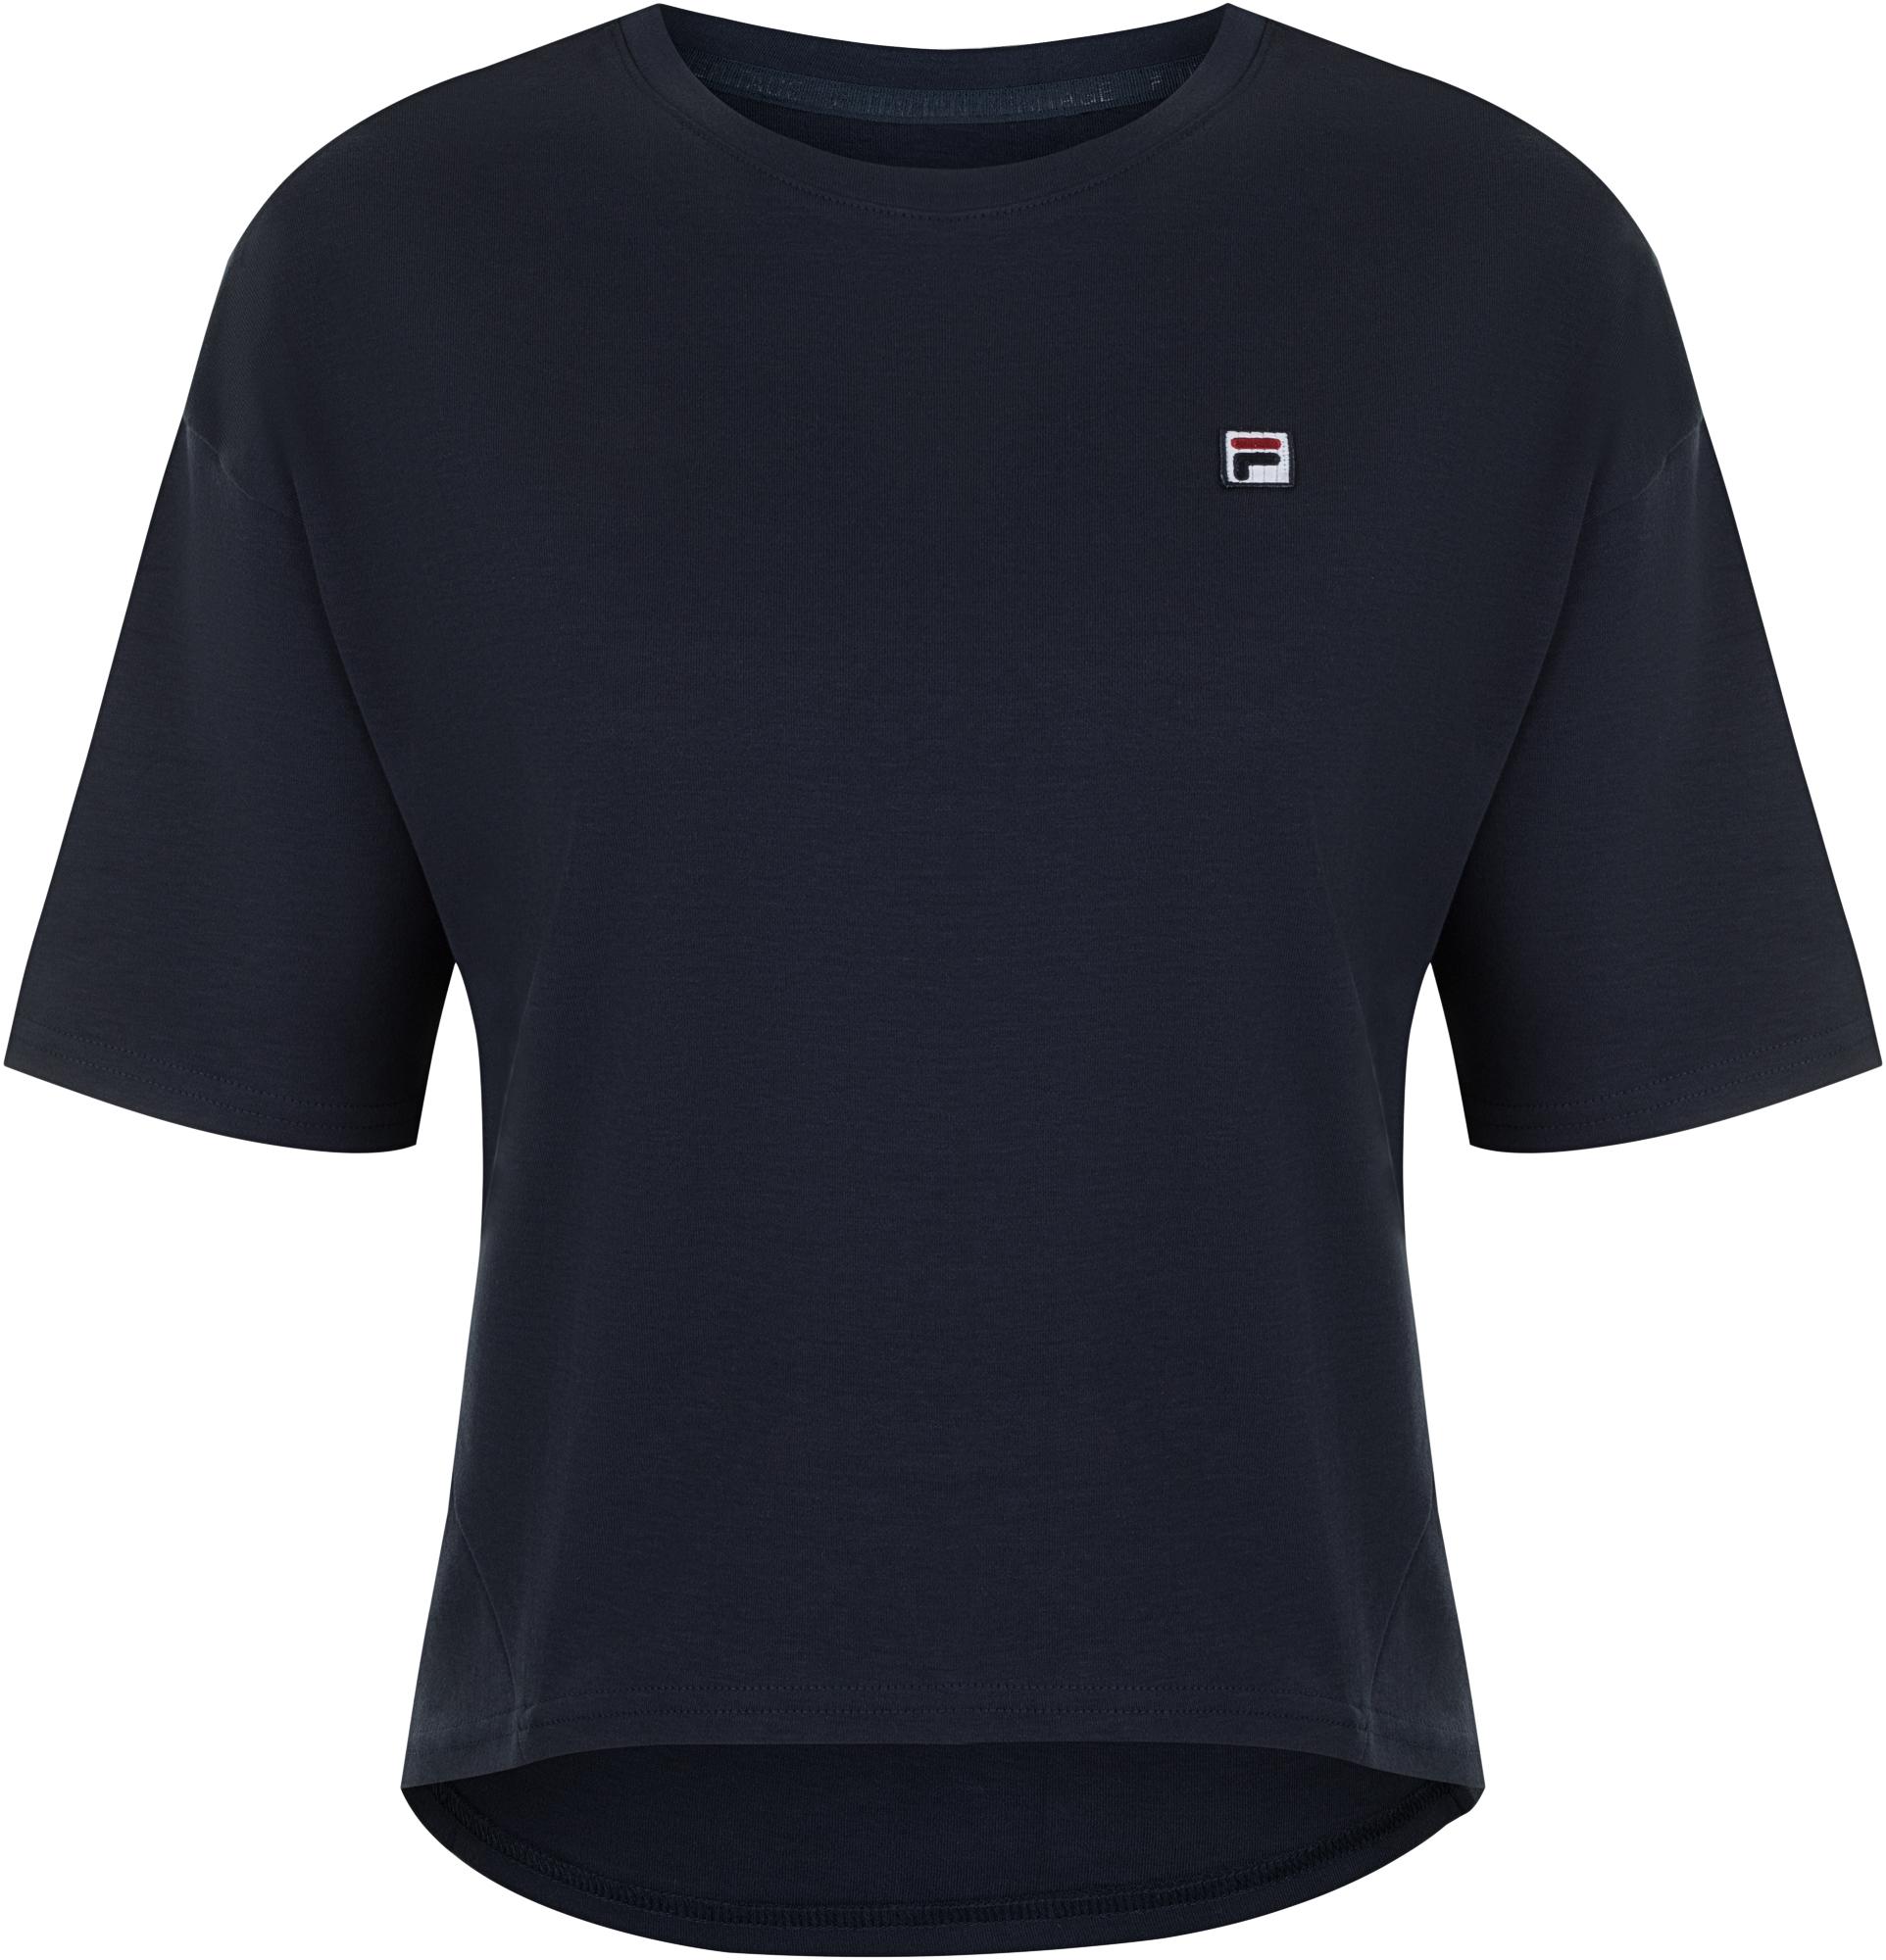 Fila Футболка женская Fila, размер 50 fila футболка с длинным рукавом женская fila размер 52